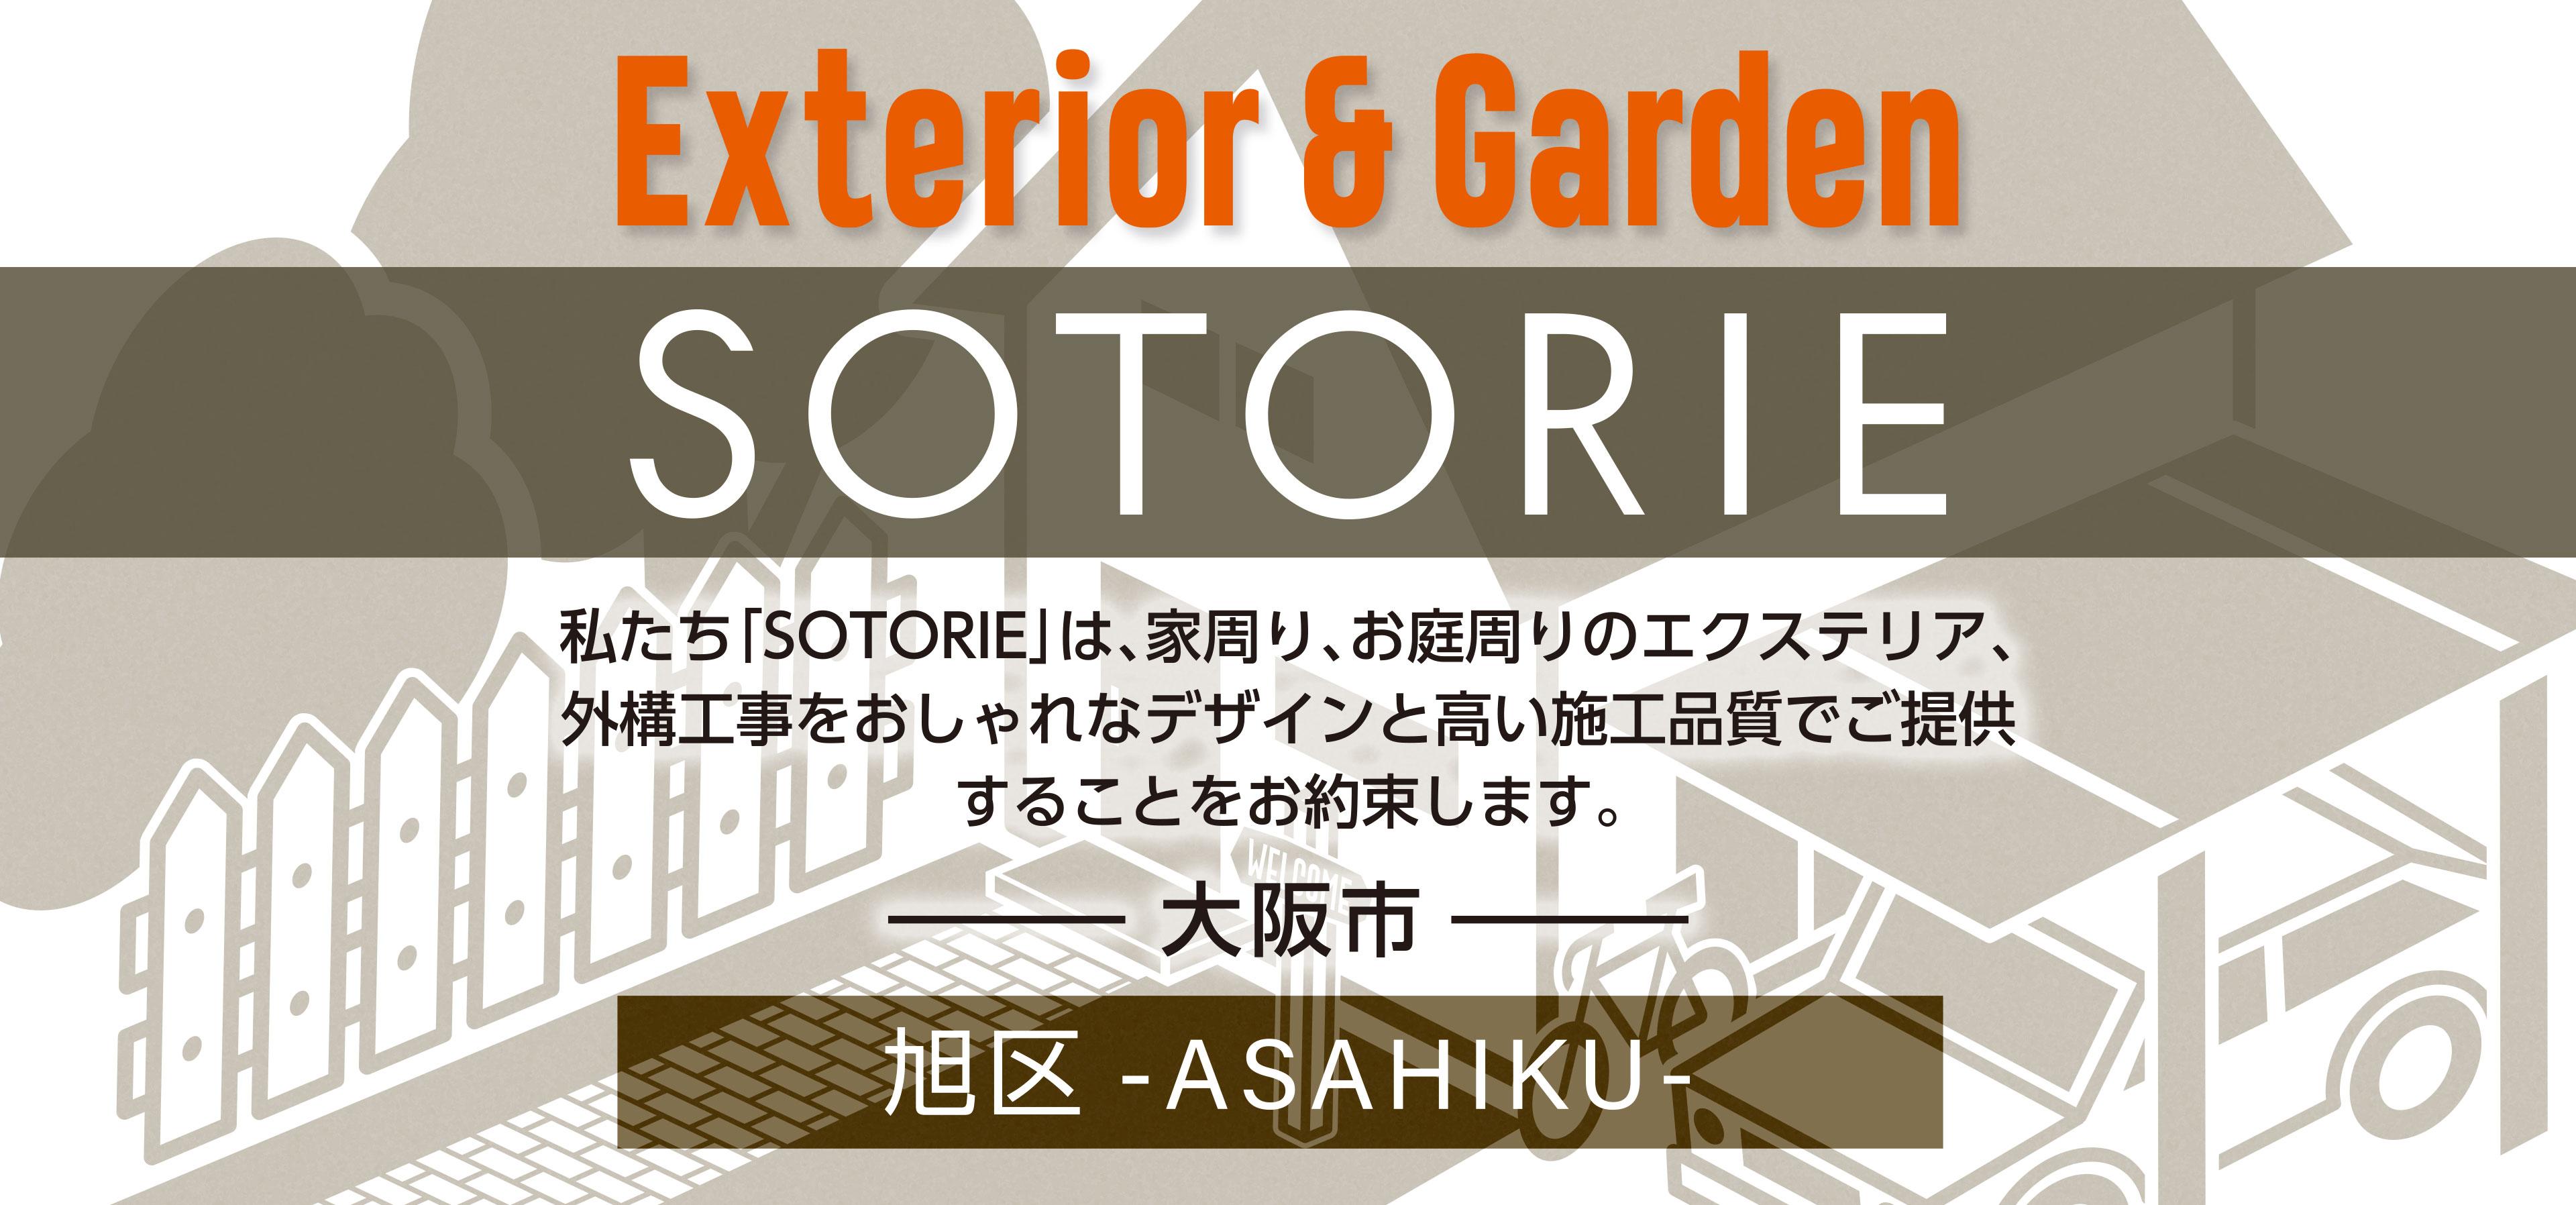 ソトリエ大阪市旭区では、家周りと庭周りの外構、エクステリア工事をおしゃれなデザインと高い施工品質でご提供することをお約束します。